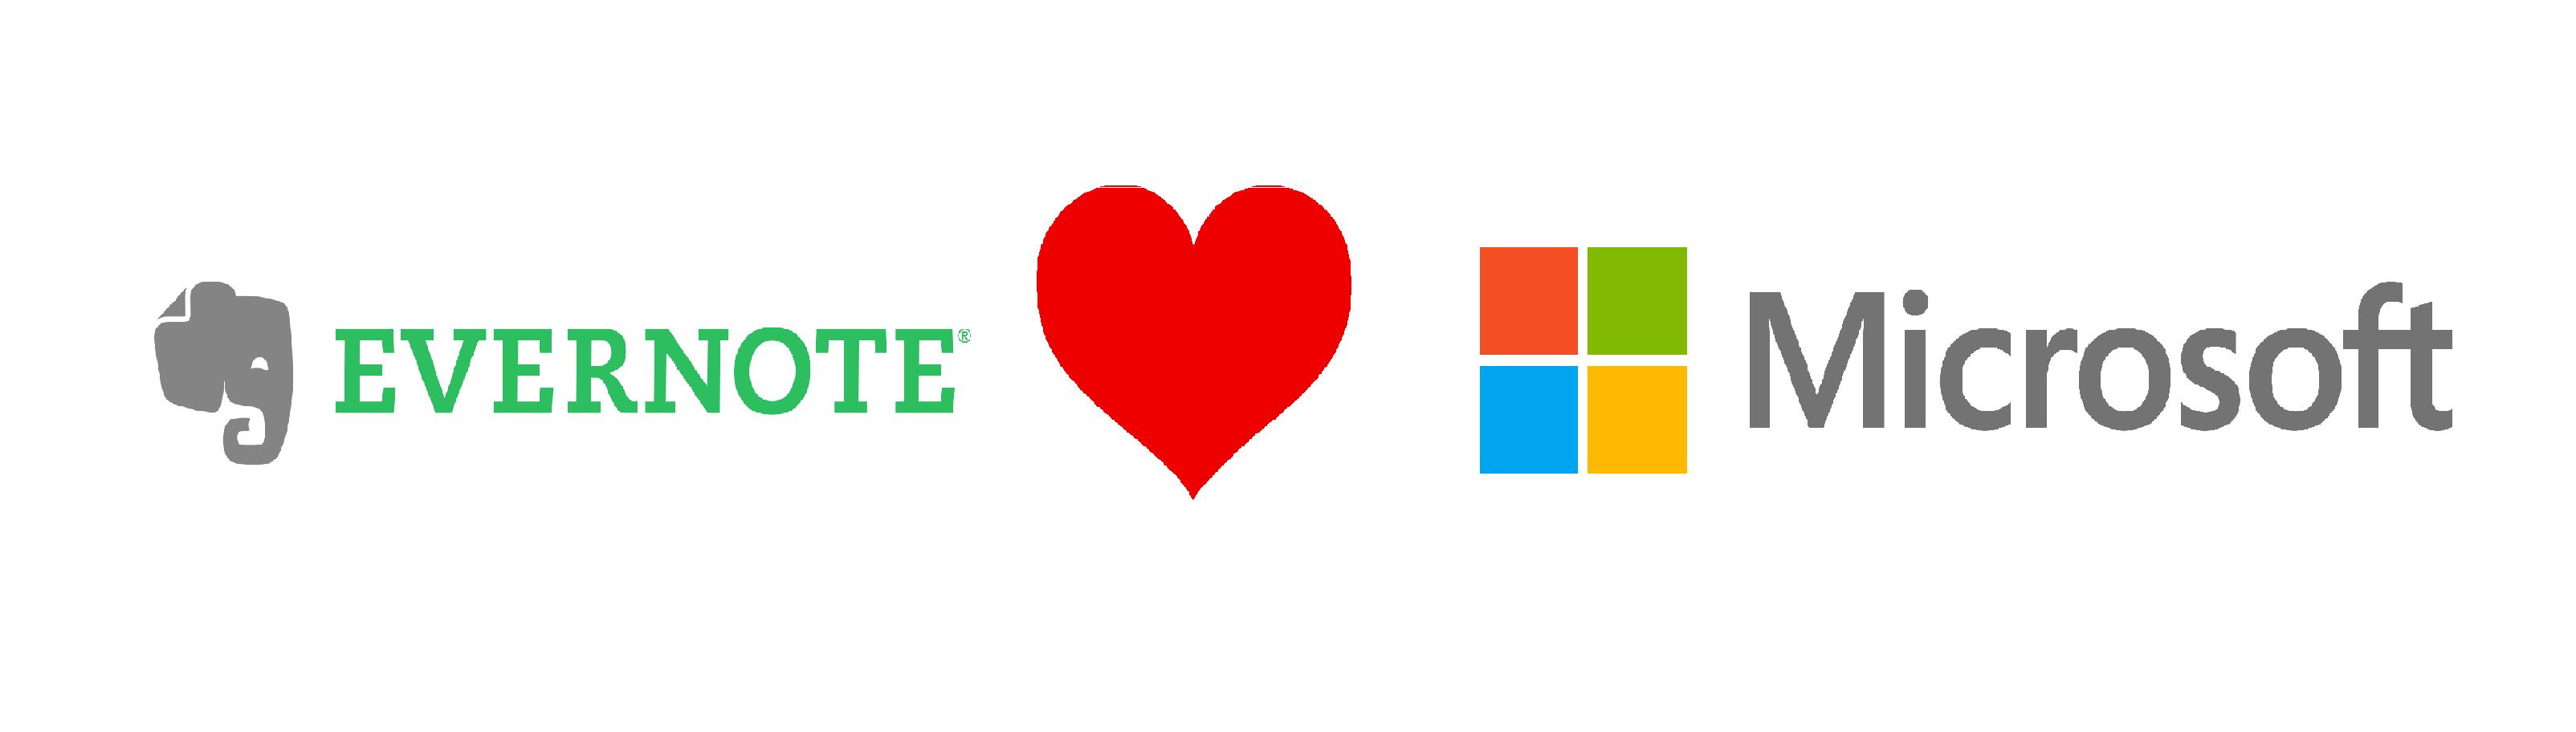 Microsoft Teams: Intgração com Evernote é anunciada!